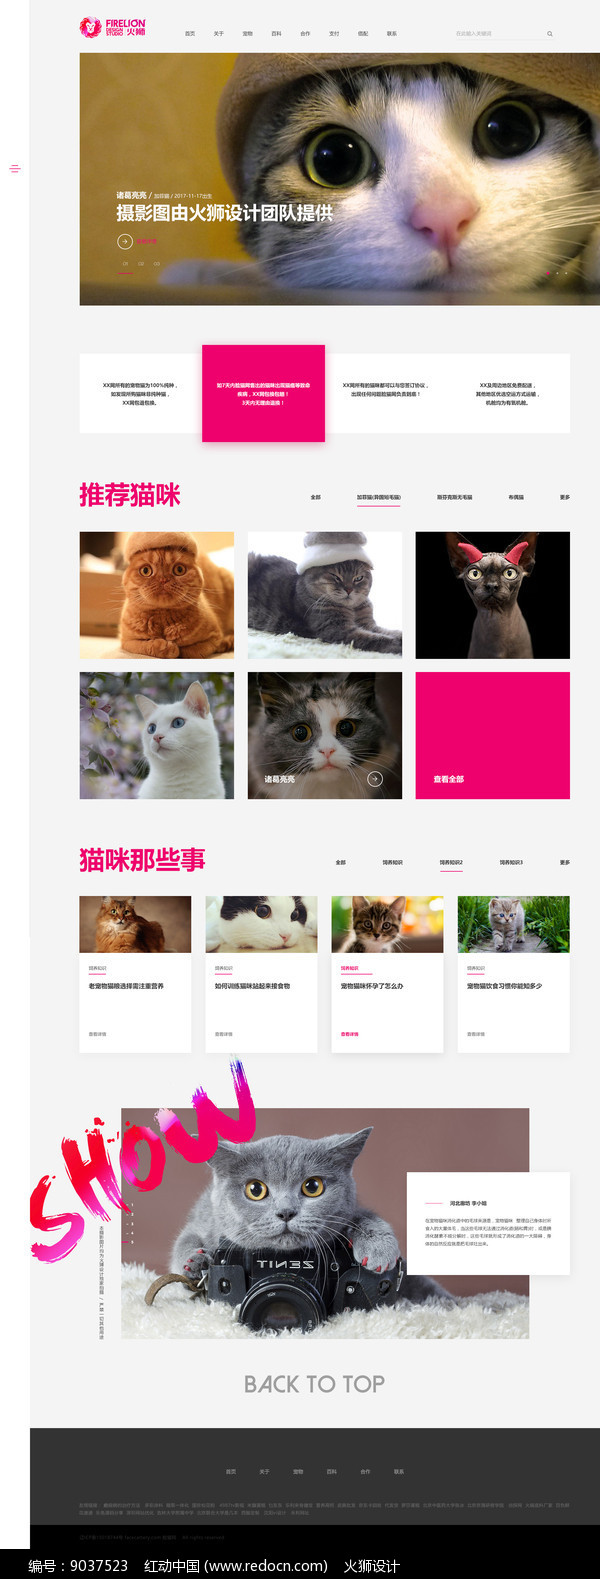 猫宠网站首页设计图片